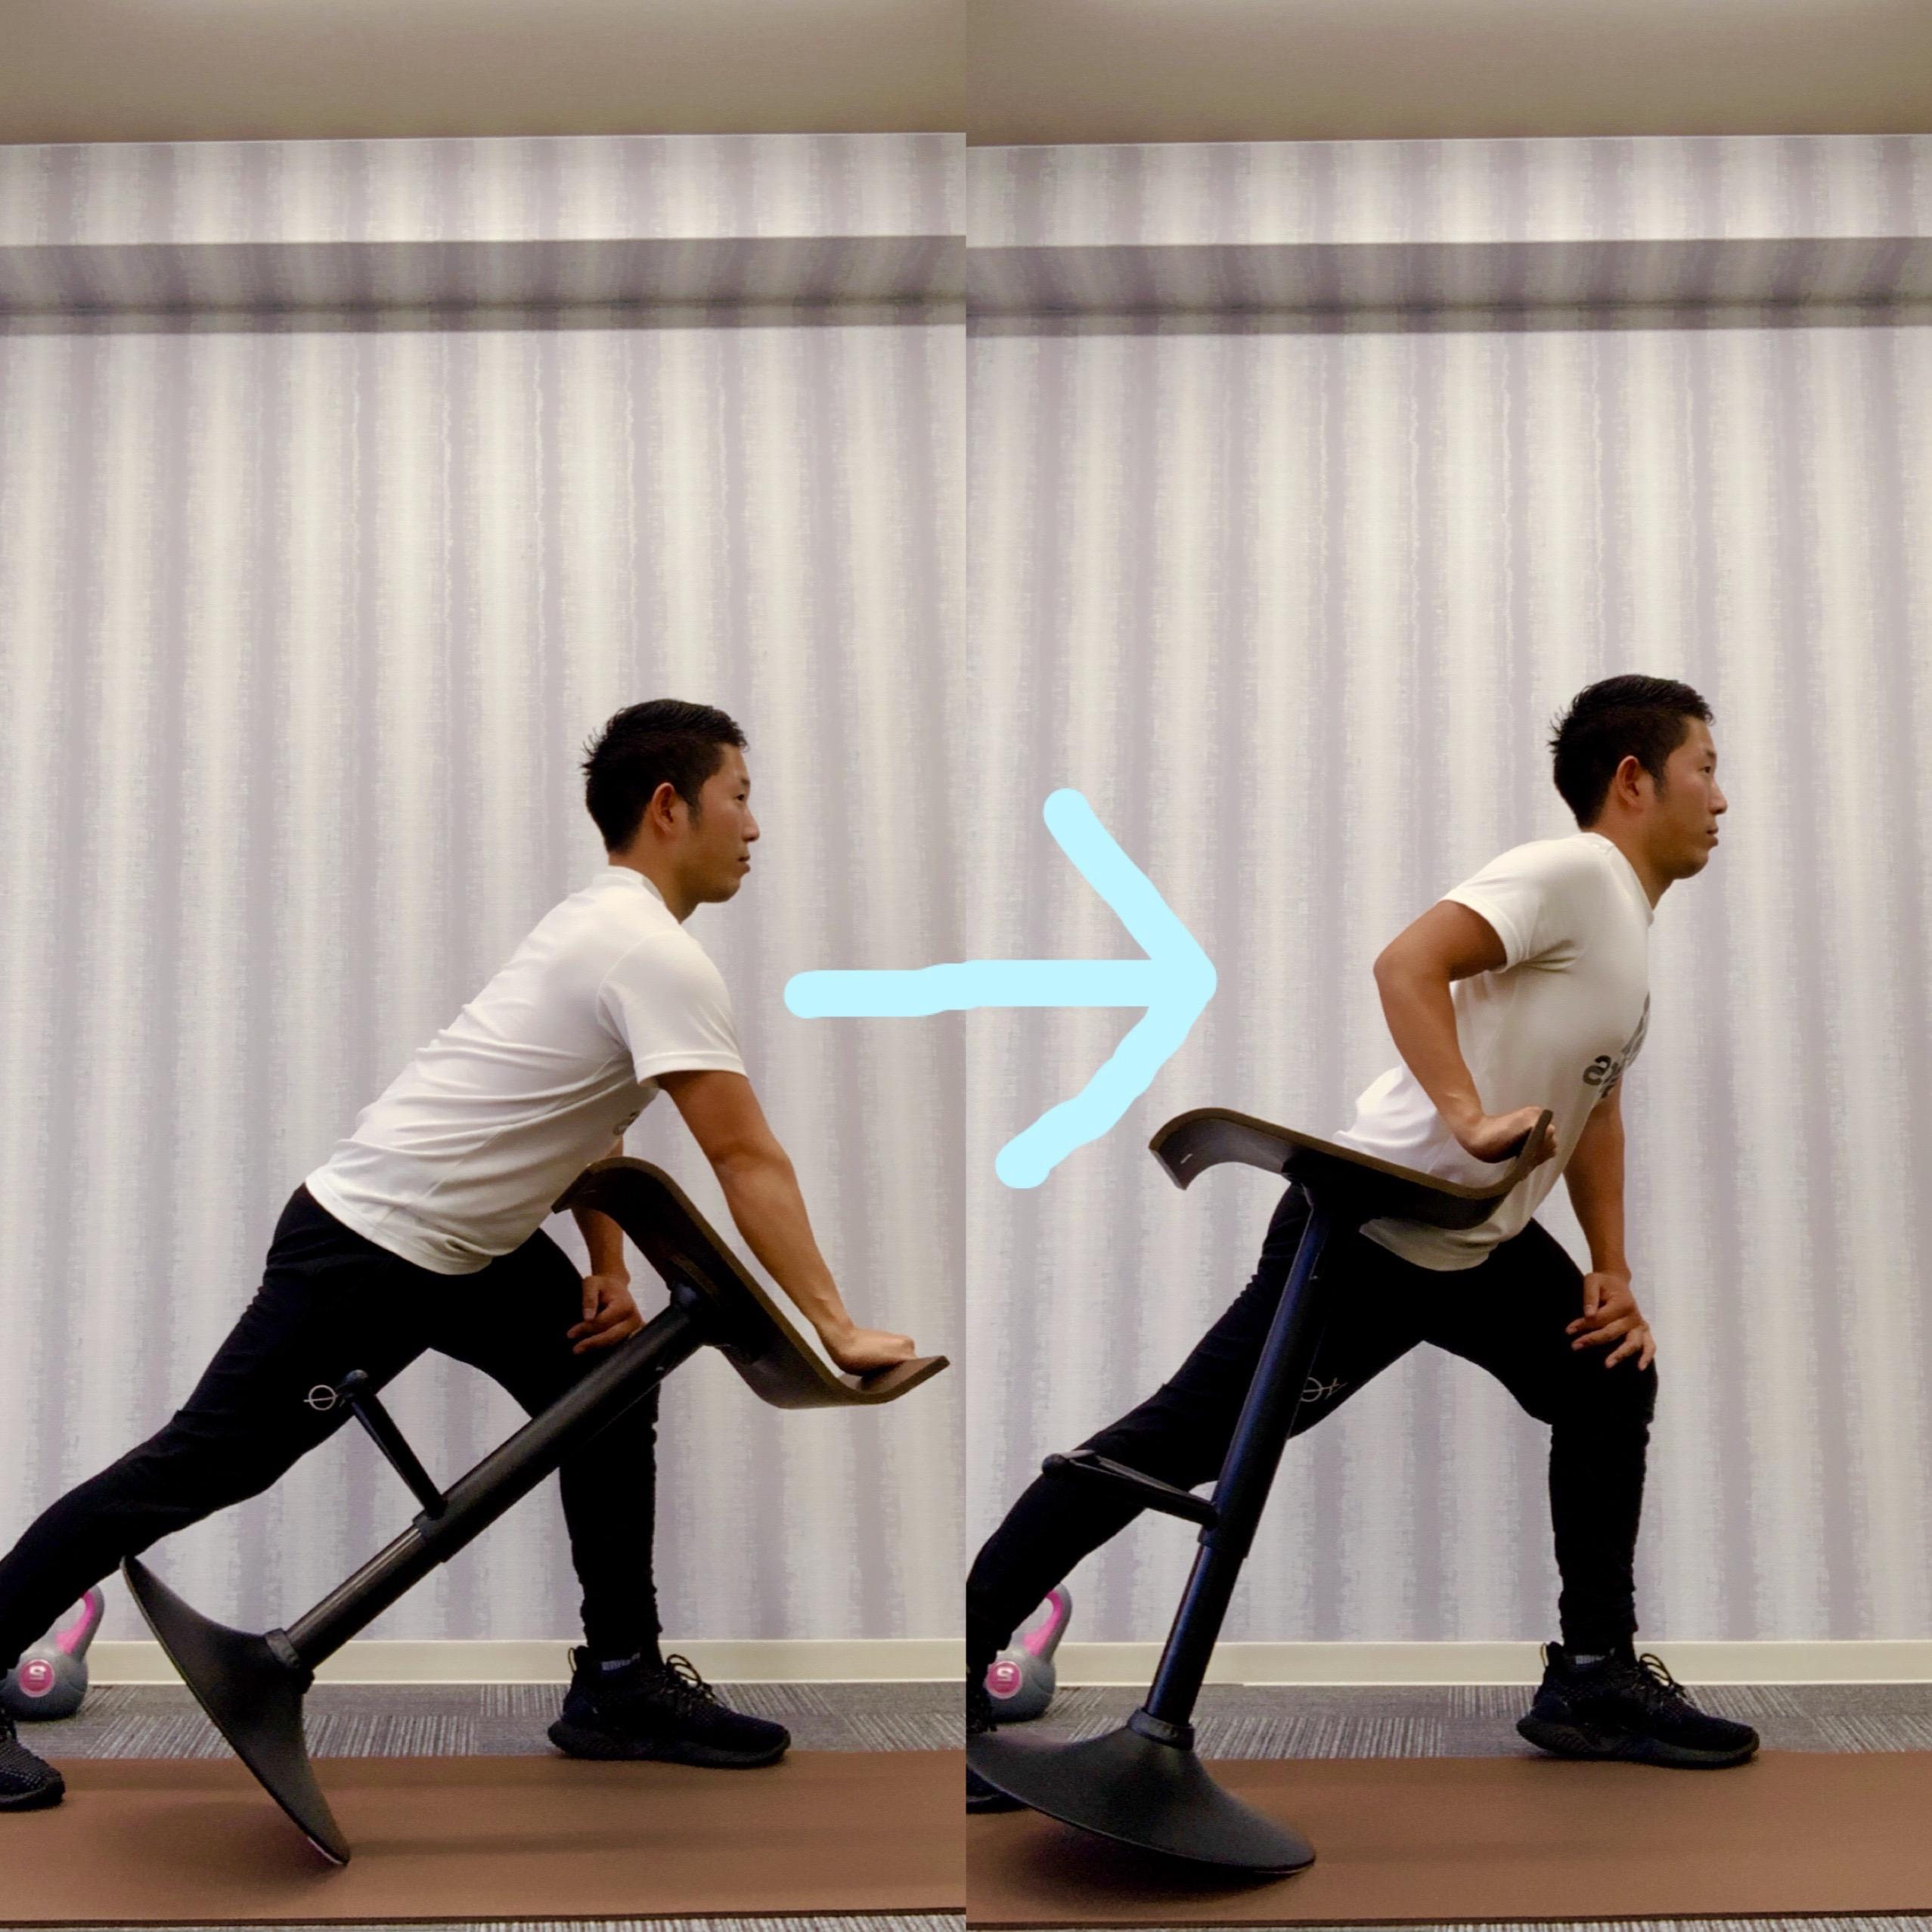 トレーナーが椅子を使って背中のトレーニングをしている